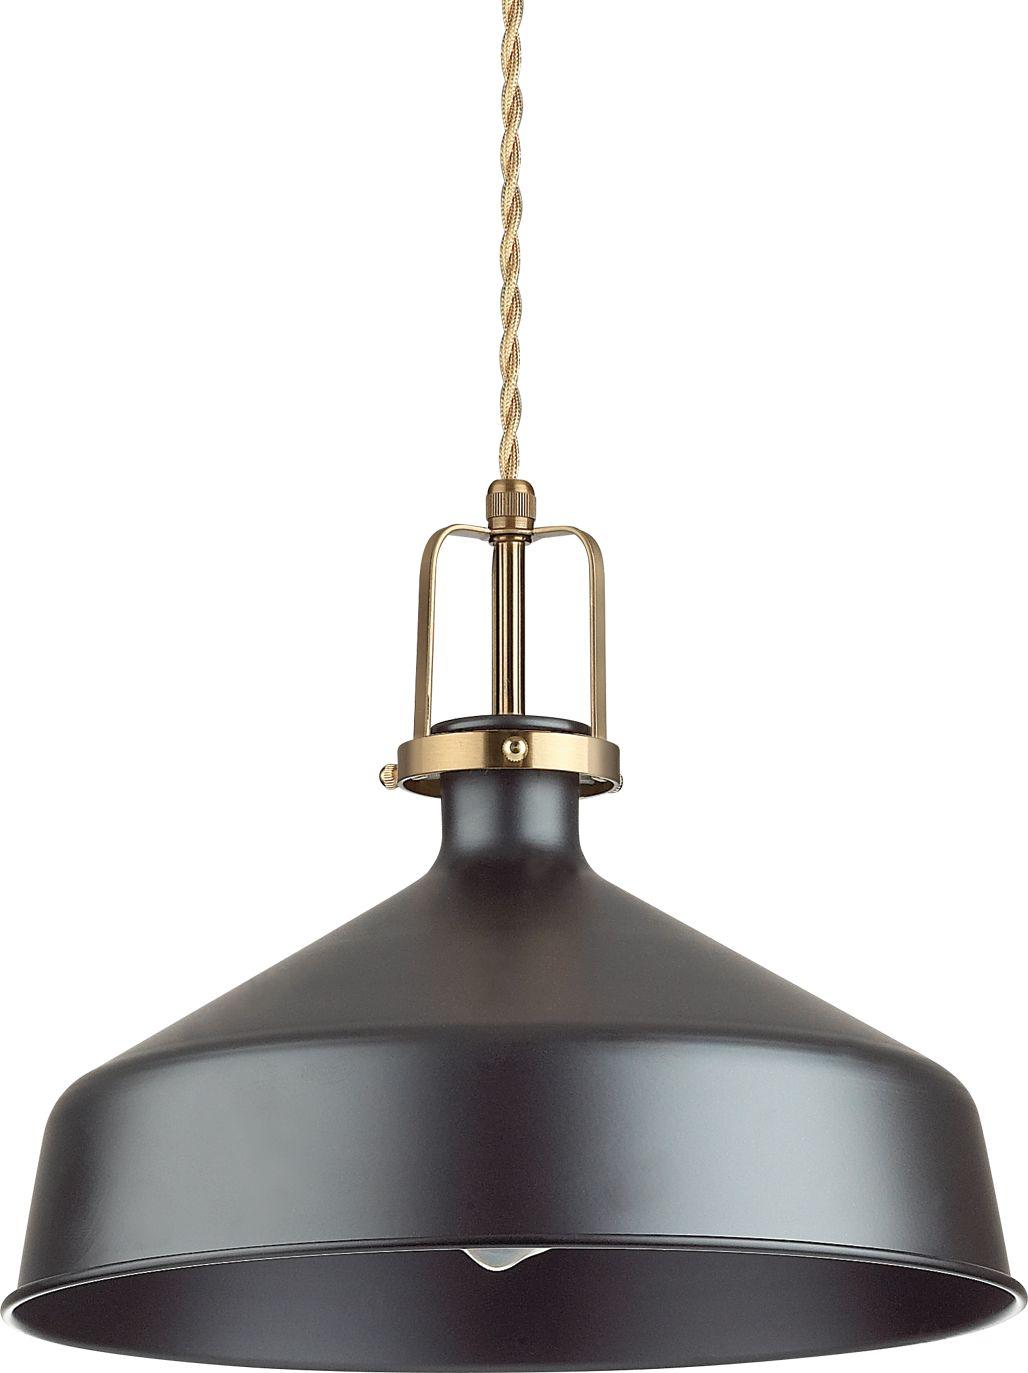 Lampa wisząca Eris 249063 Ideal Lux klasyczna oprawa w kolorze czarnym